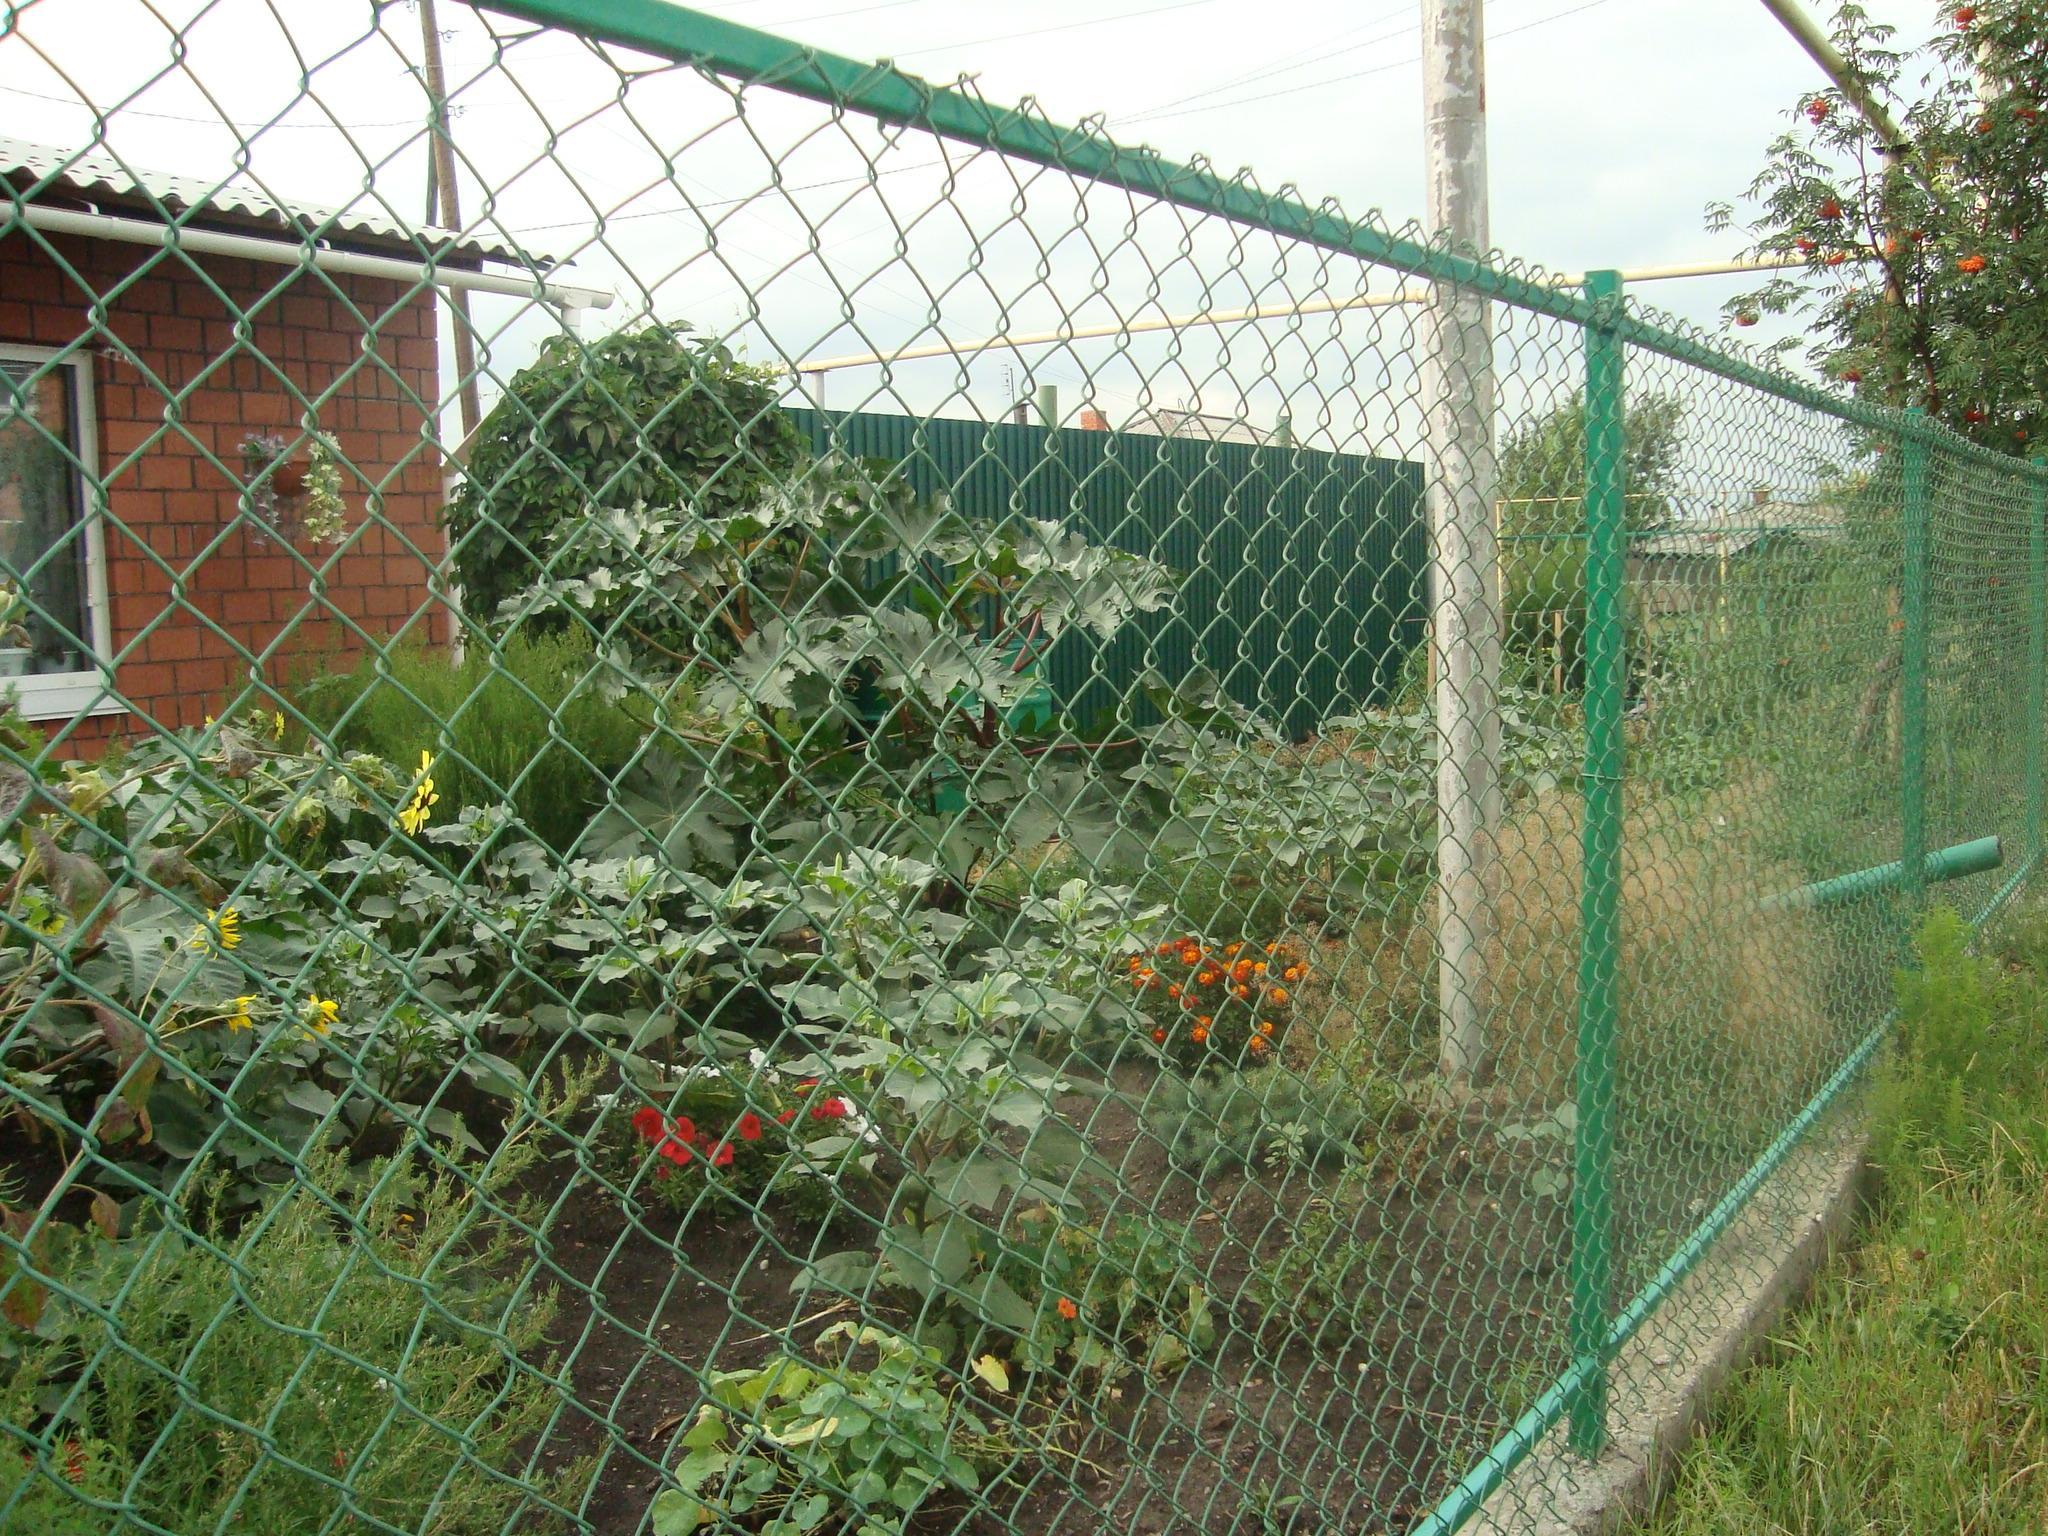 фото забор из сетки рабицы своими стереотип, мне кажется